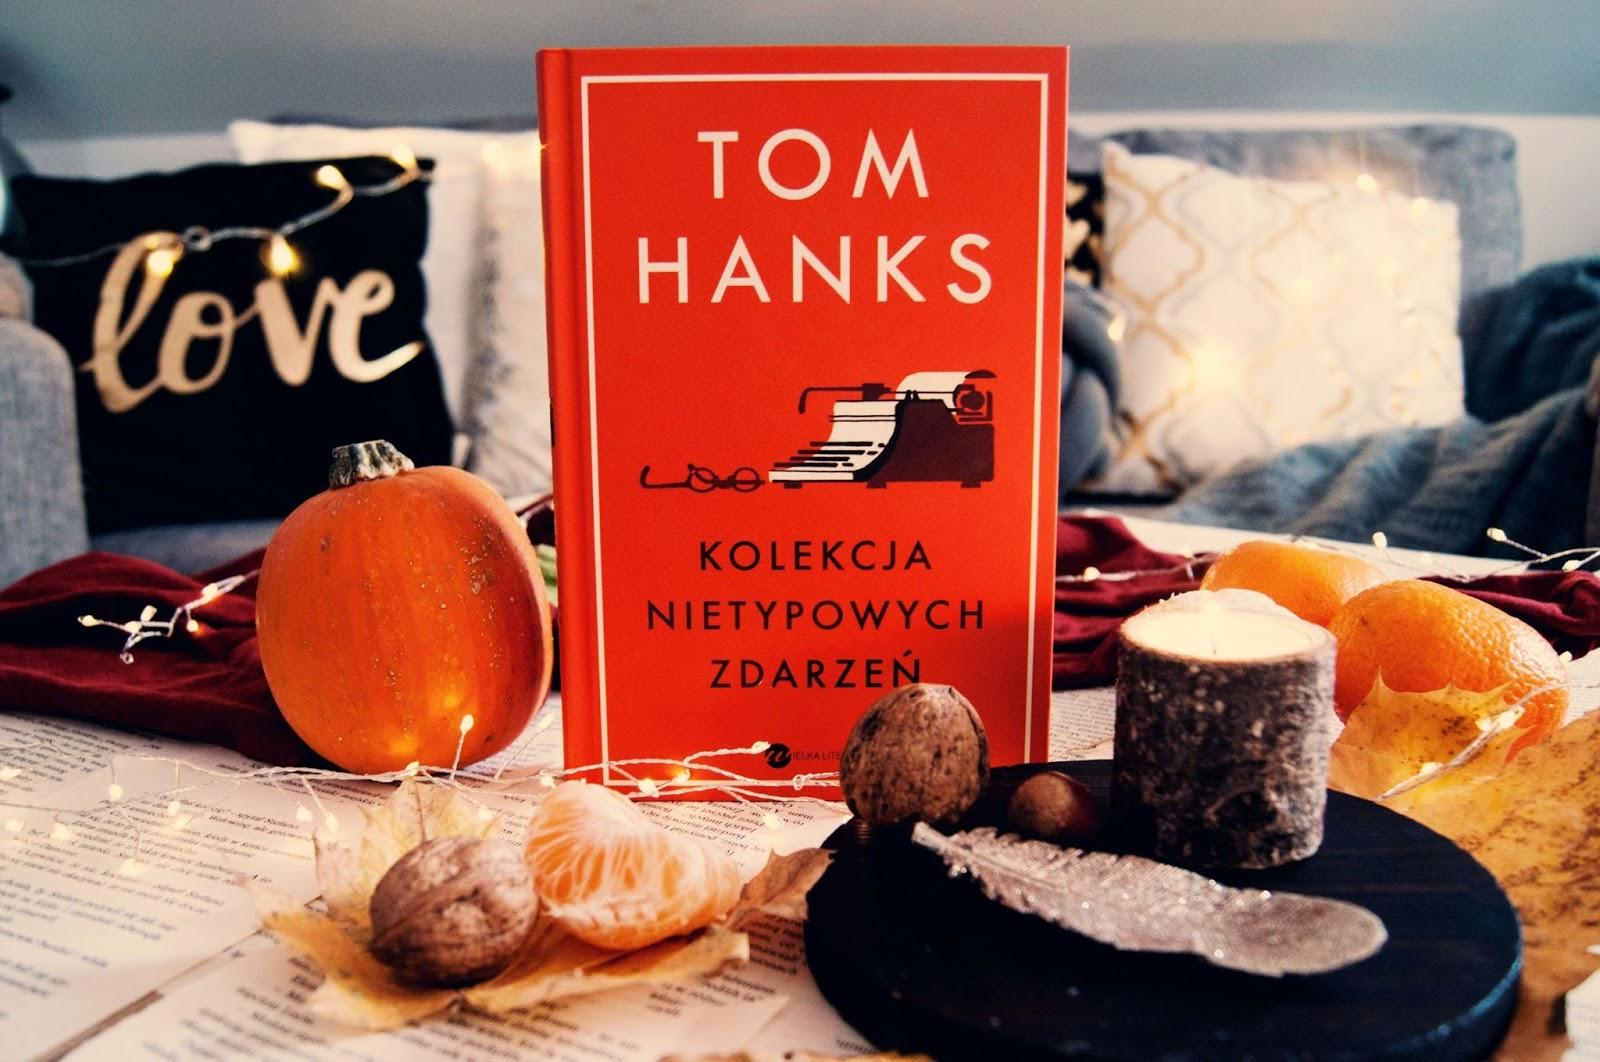 Kolekcja nietypowych zdarzeń - Tom Hanks, bardzo miłe zaskoczenie